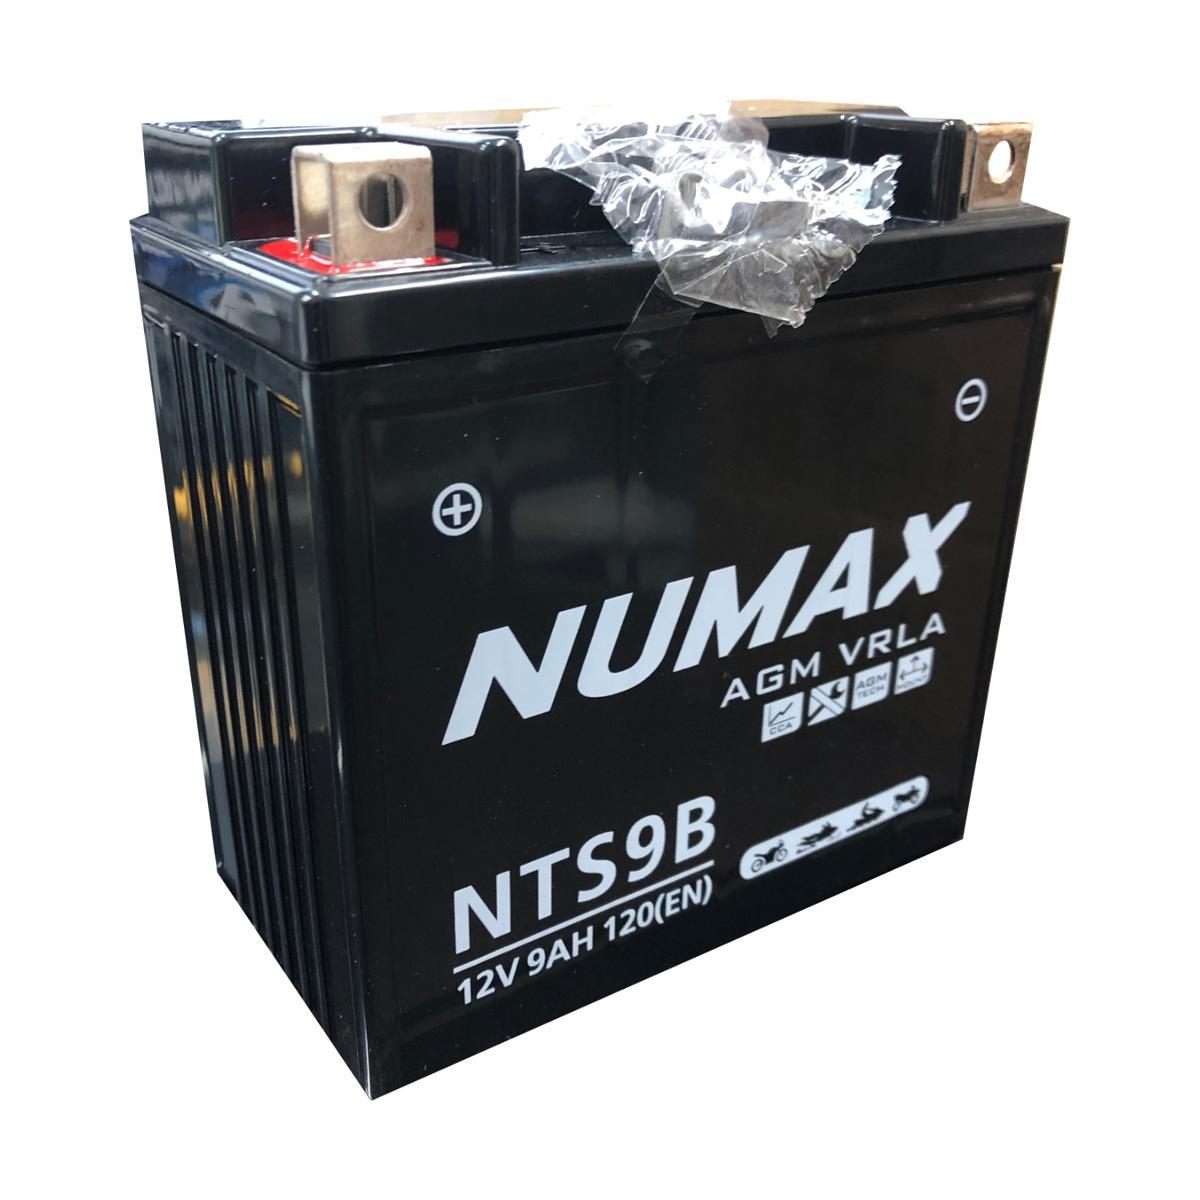 Numax NTS9B 12v Bike Motorbike Motorcycle Battery VESPA 200cc Lusso YB9L-B